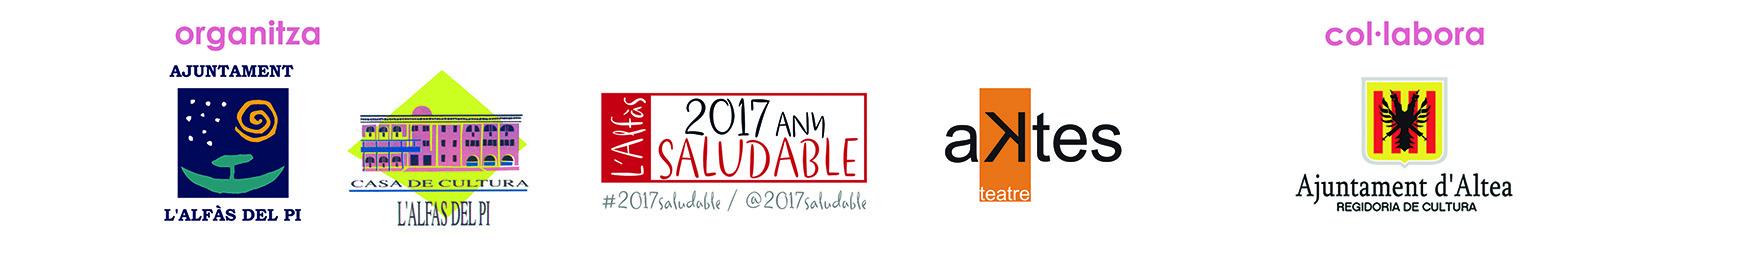 AF tira logos alfas2017_baixa